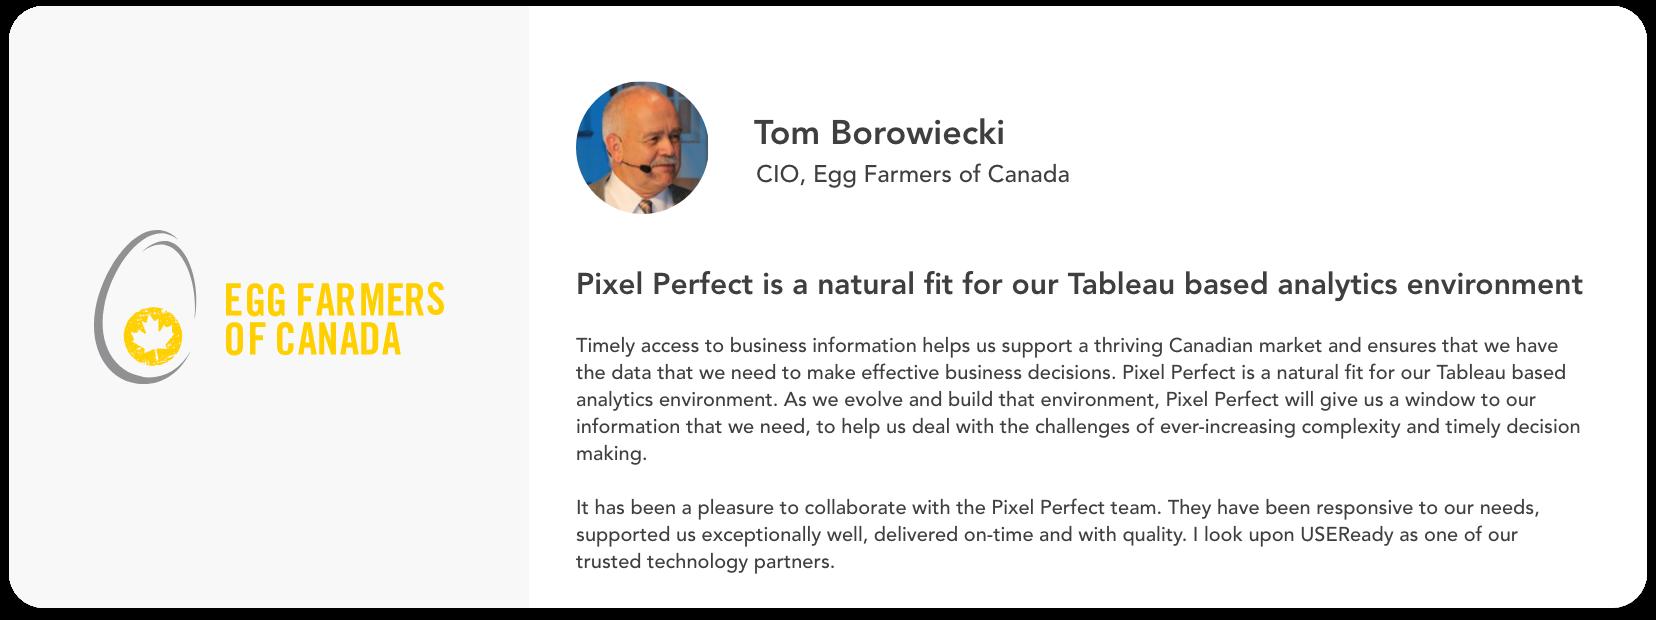 Tom Boroweicki, Egg Farmers of Canada